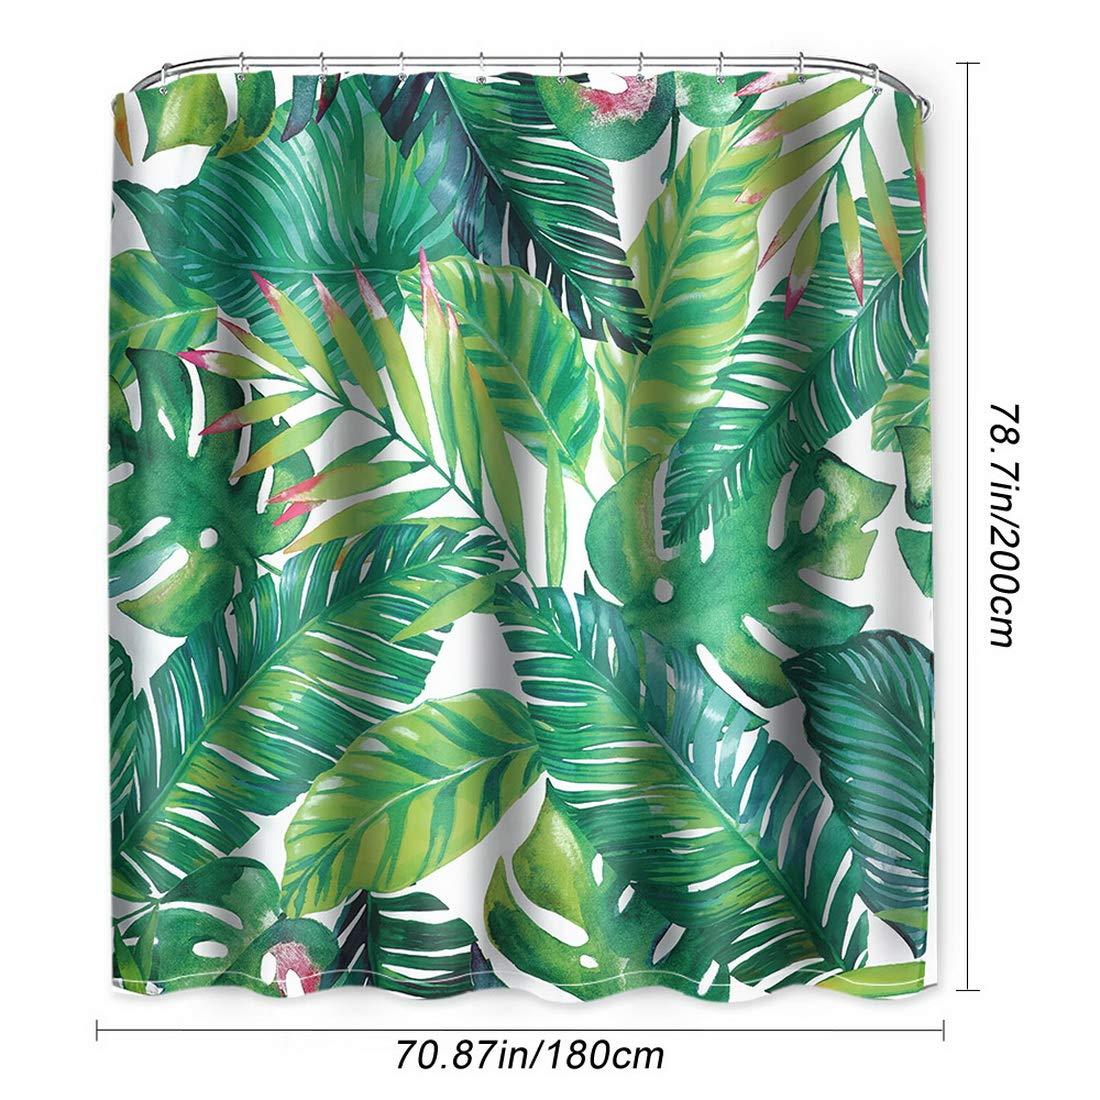 2# 180 x 180 cm NIBESSER Rideau de Douche 180 x 200 et 180 x 180 cm avec 12 Anneaux de Rideau de Douche Anti-moisissure et imperm/éable /à leau avec Impression num/érique 3D Vert